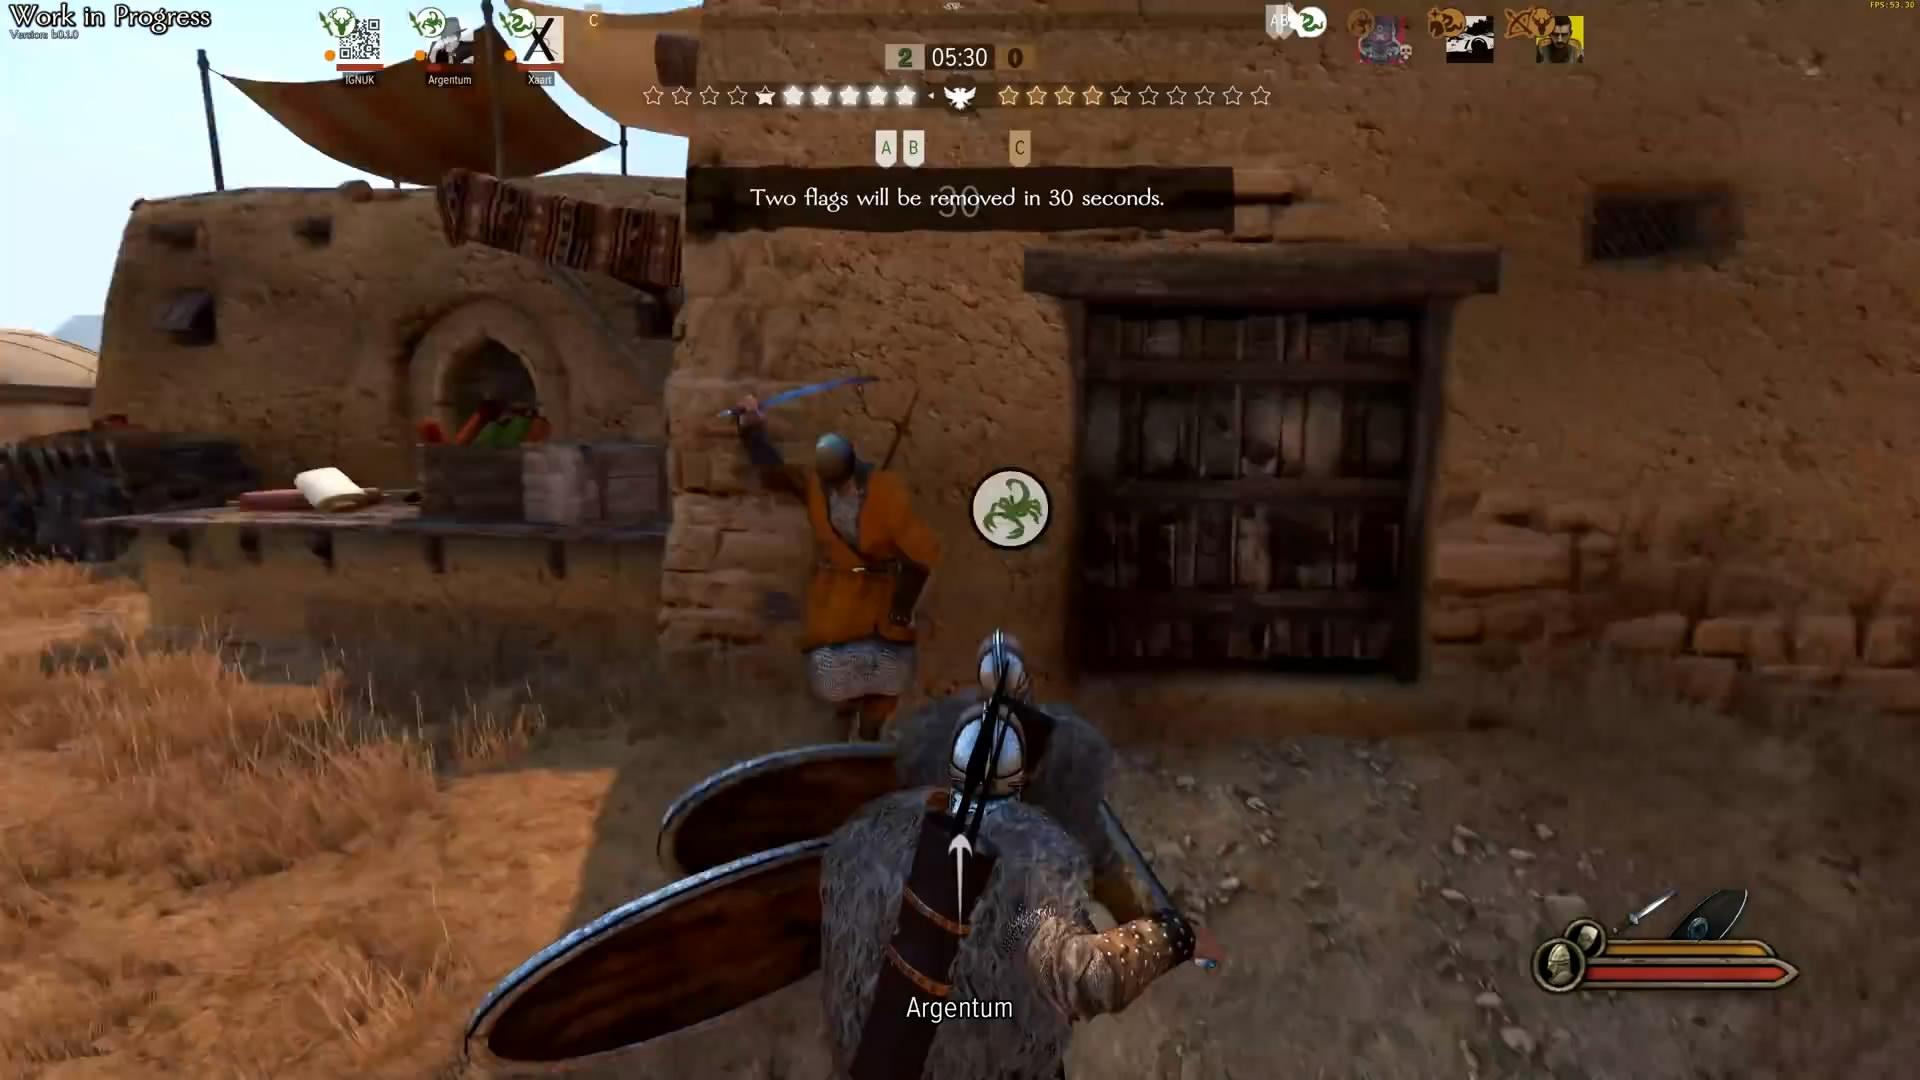 《骑马与砍杀2》新演示视频 3v3战场拼杀非常刺激